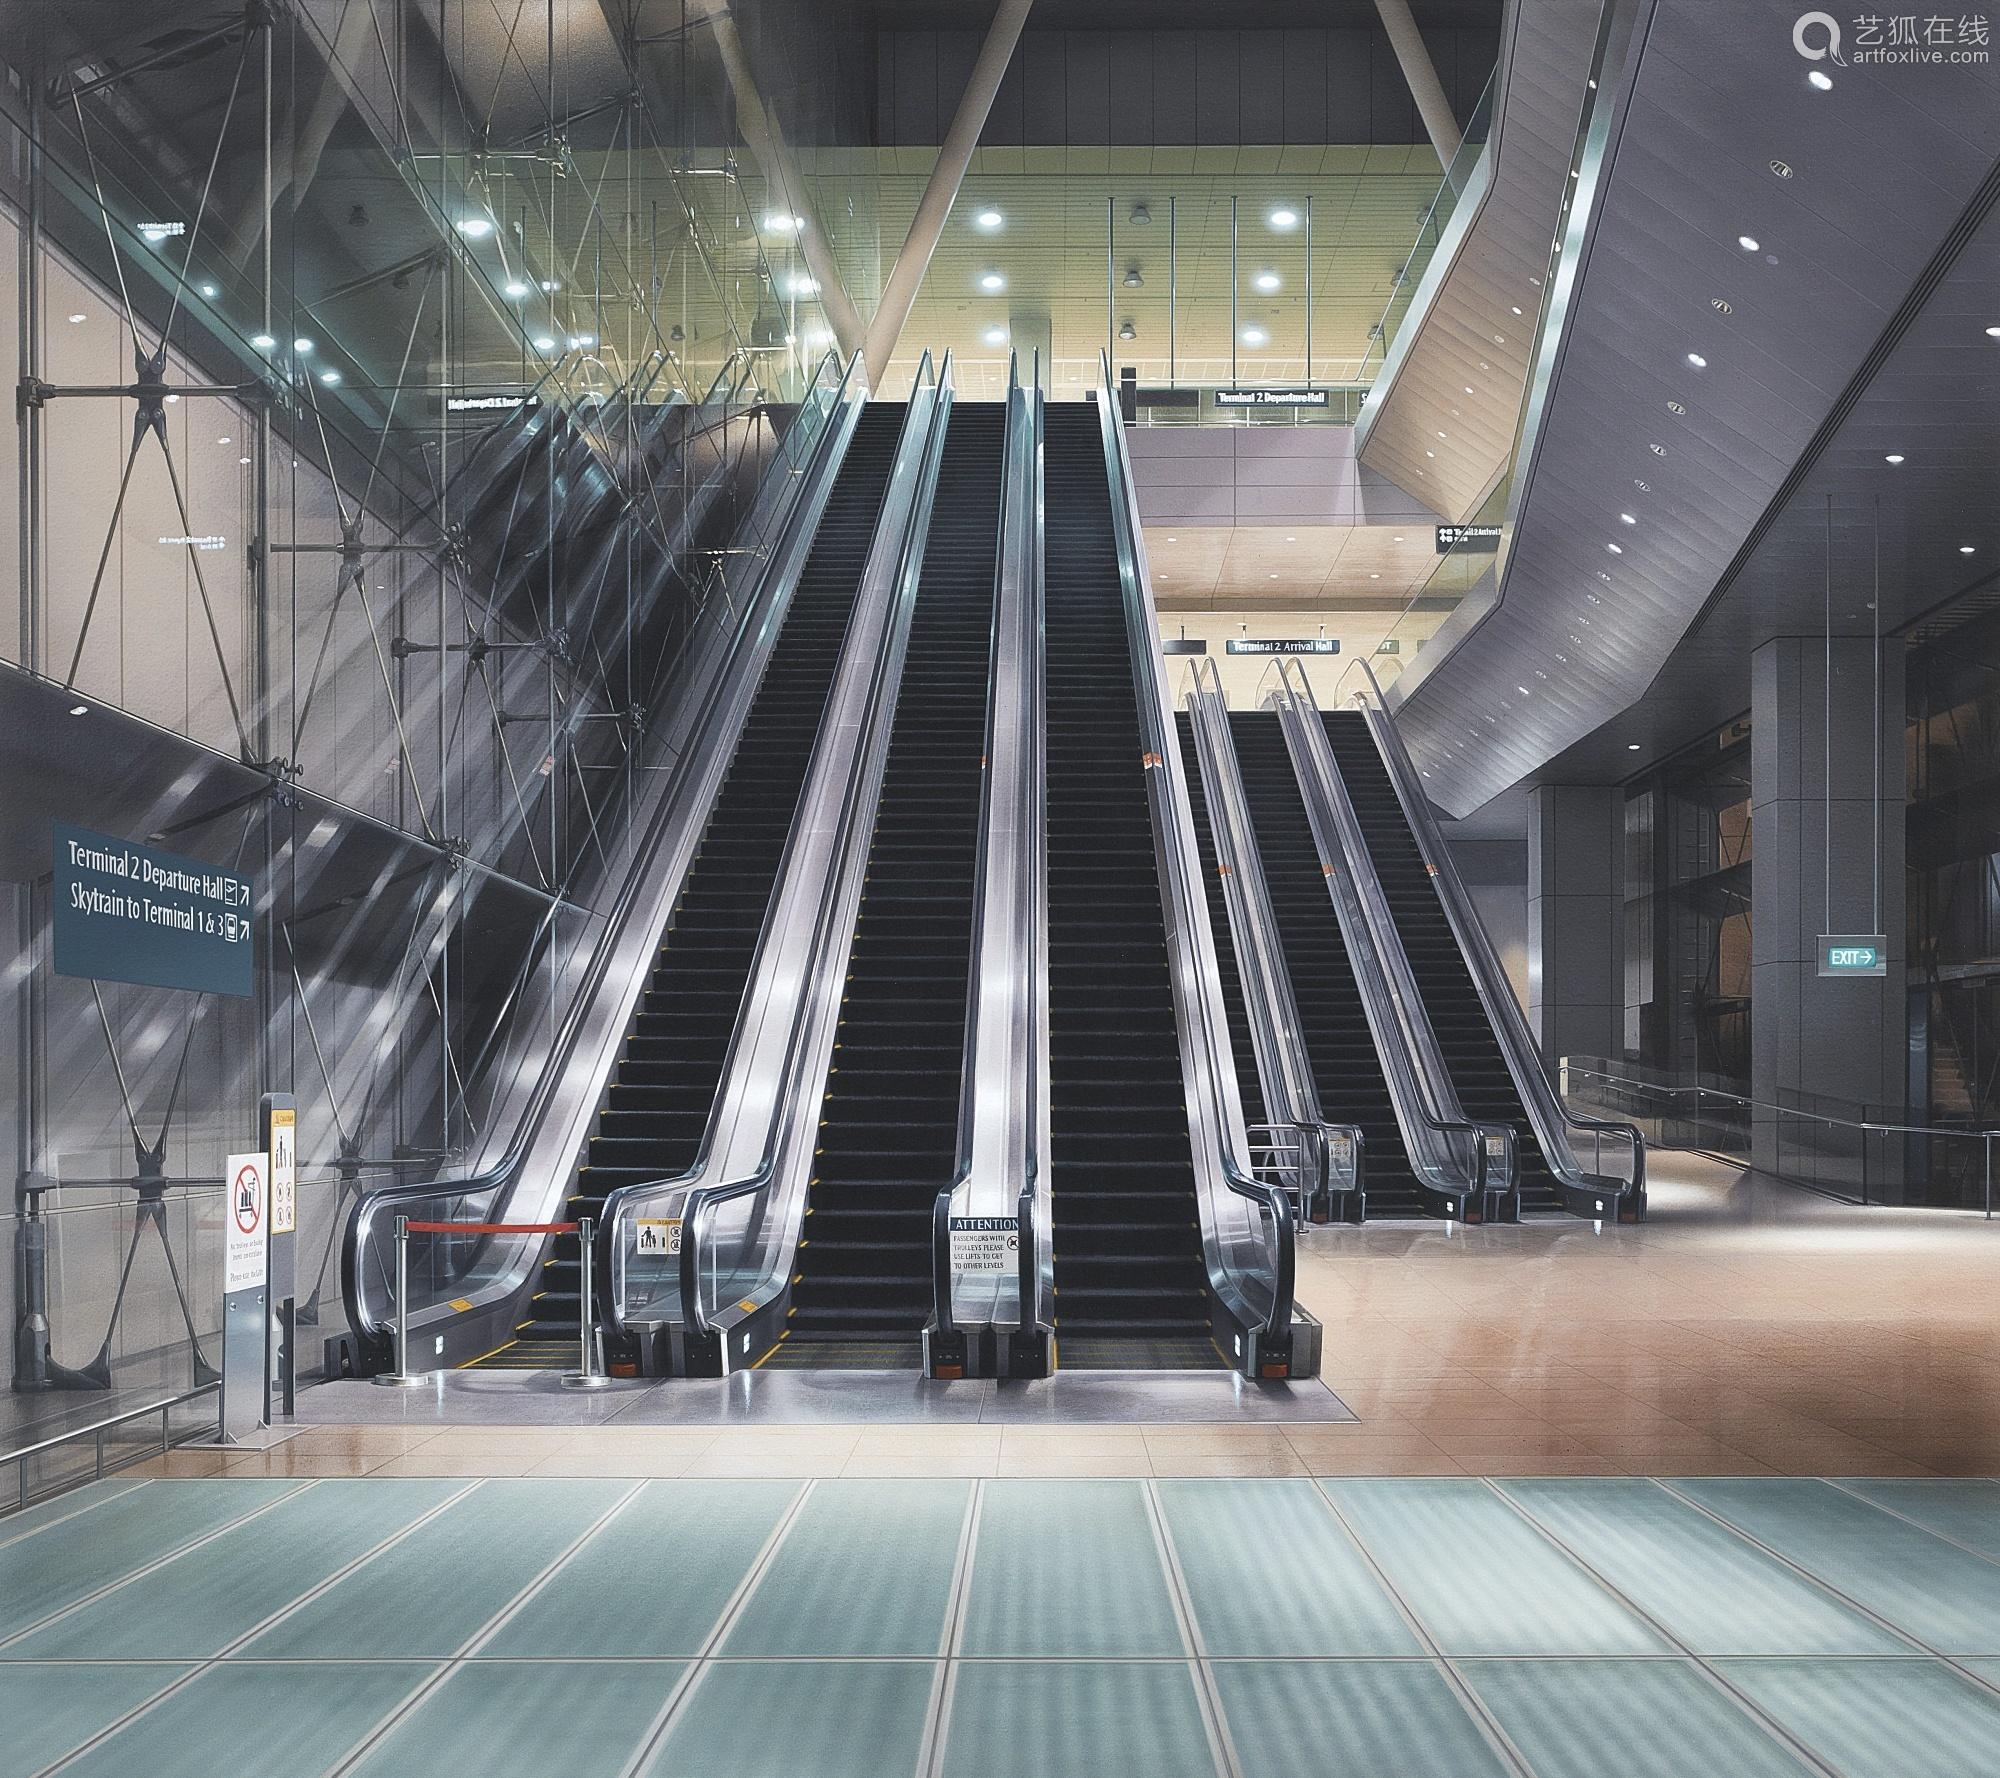 平久弥 二〇一一年作 自动楼梯30号 - 机场 压克力画布